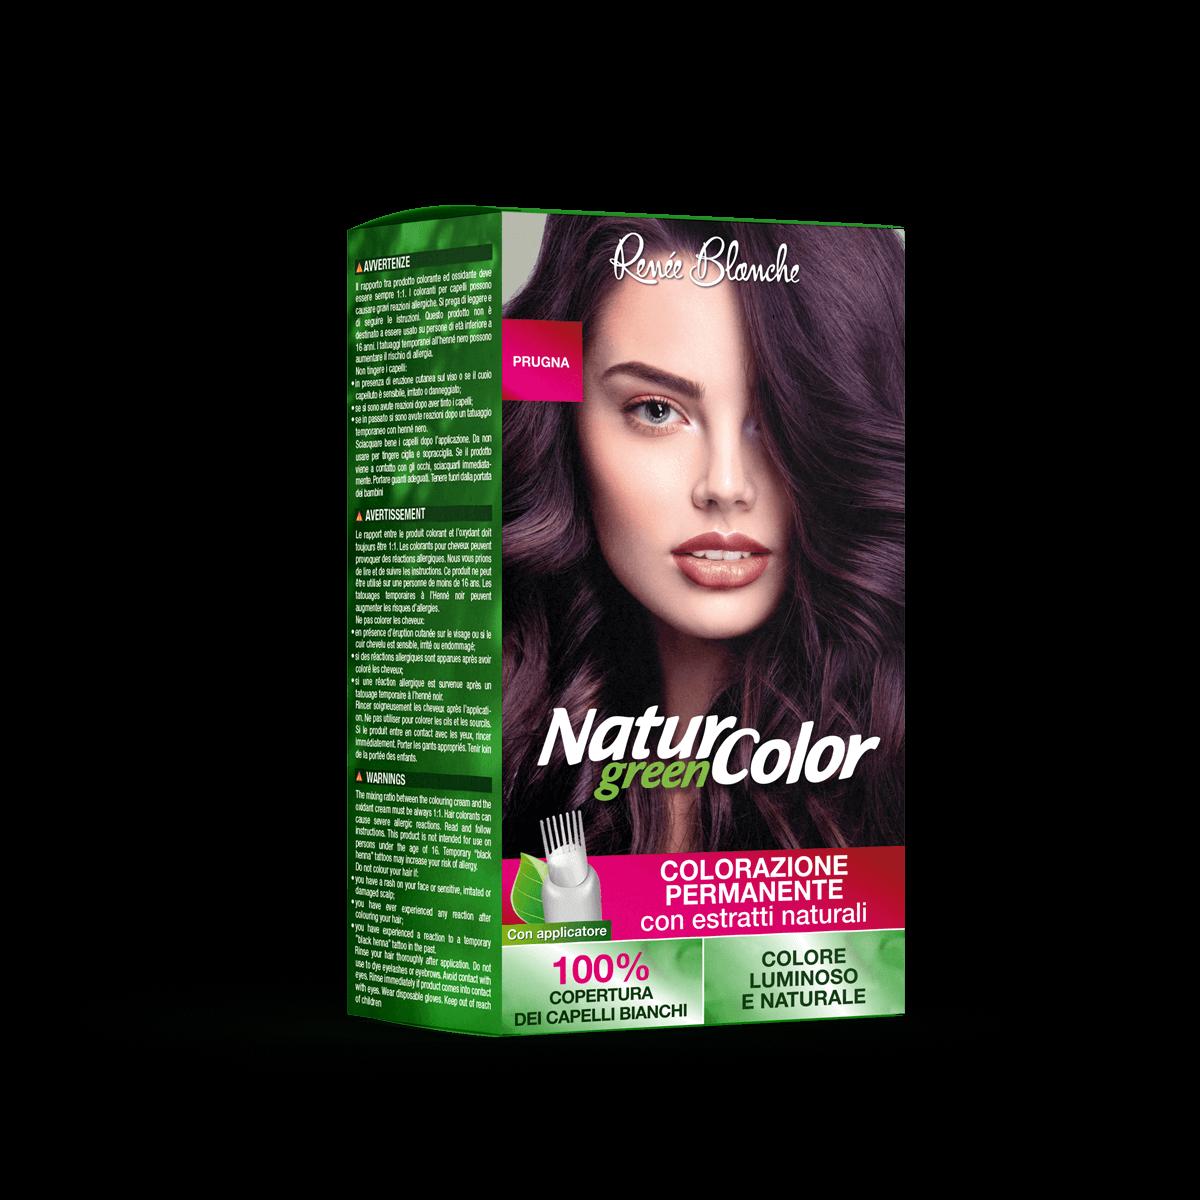 [:it]Prugna-Natur-Color[:]